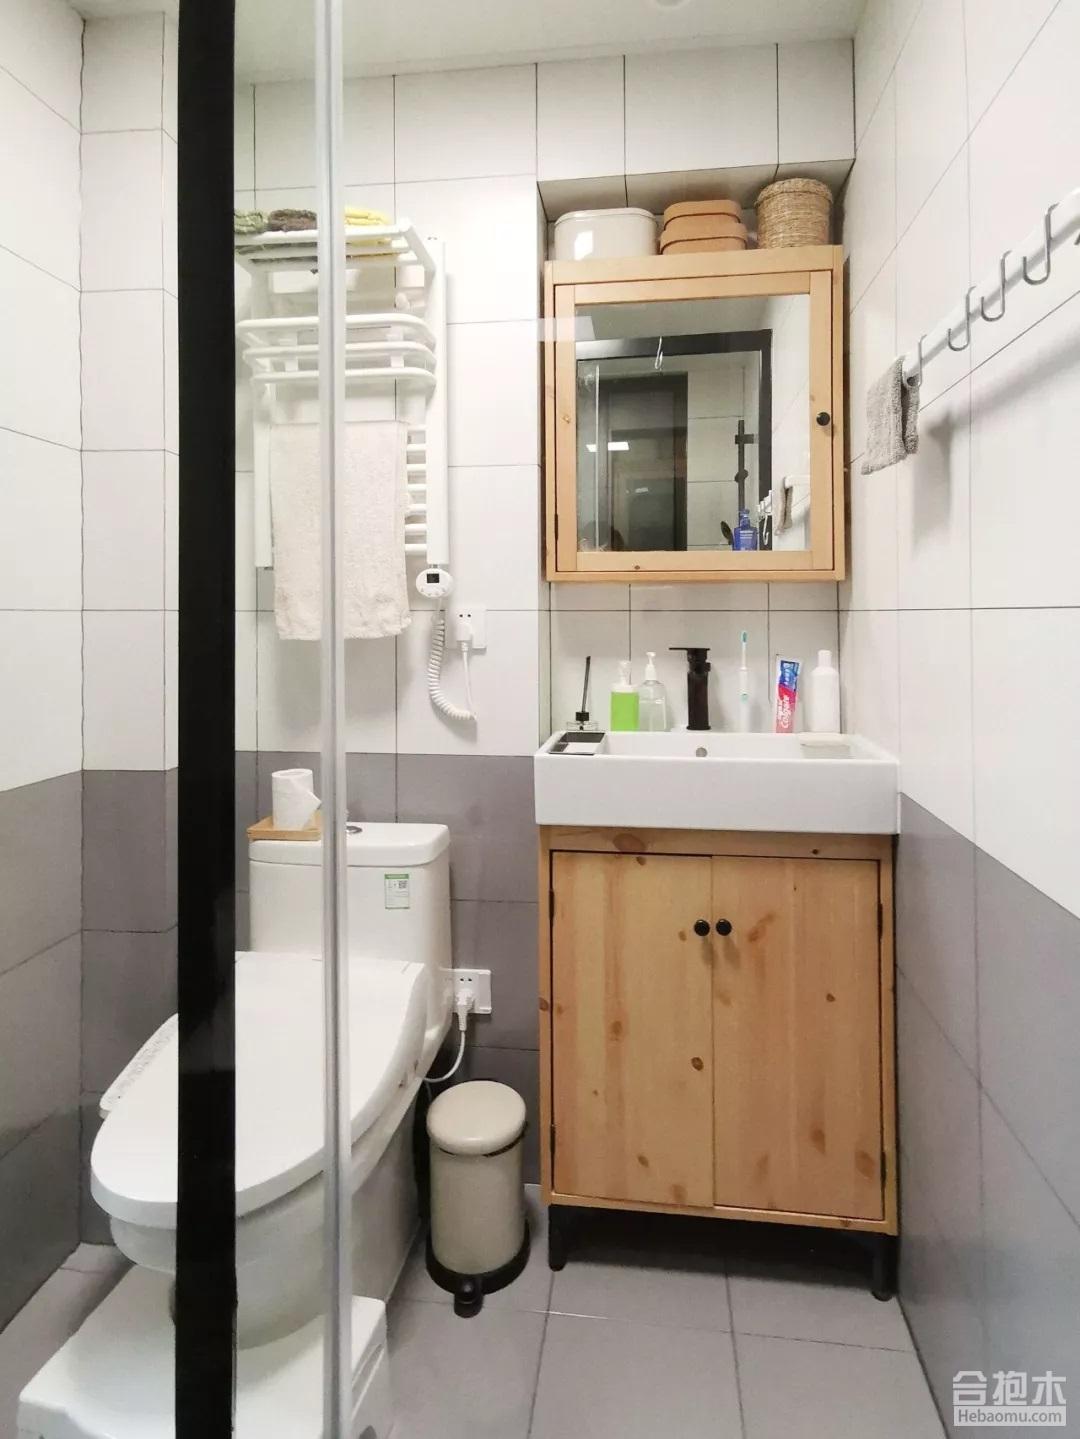 装修公司,卫生间一个好还是两个好,卫生间,